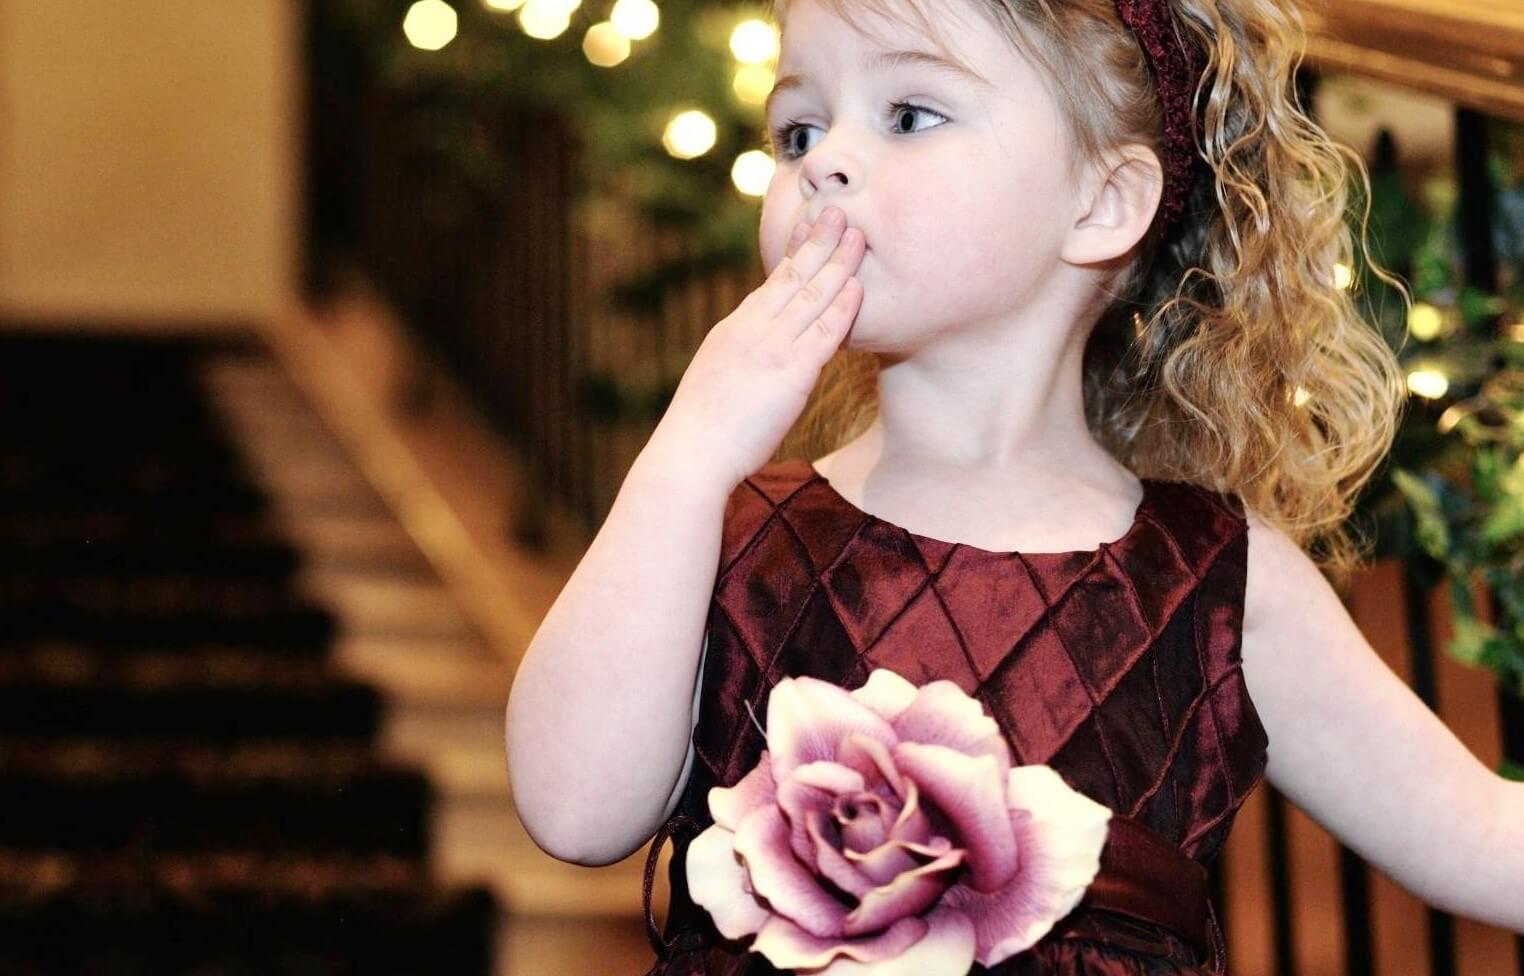 No obligues a tus hijos a dar besos: el afecto no se impone